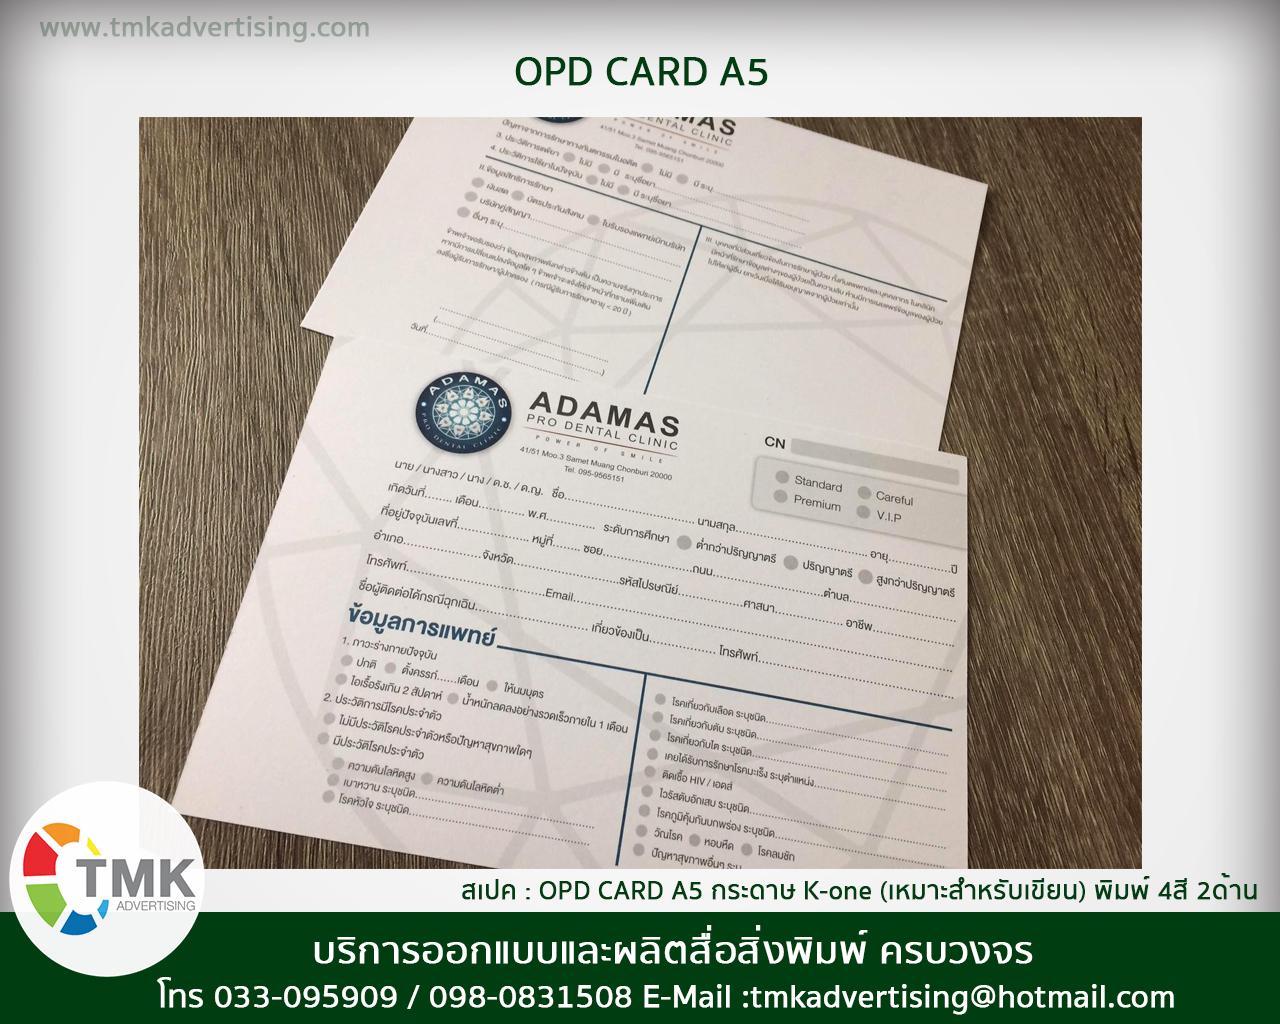 รับทำ OPD CARD ทะเบียนประวัติผู้ป่วย กระดาษสำหรับคลีนิค กระดาษบันทึกผู้ป่วย